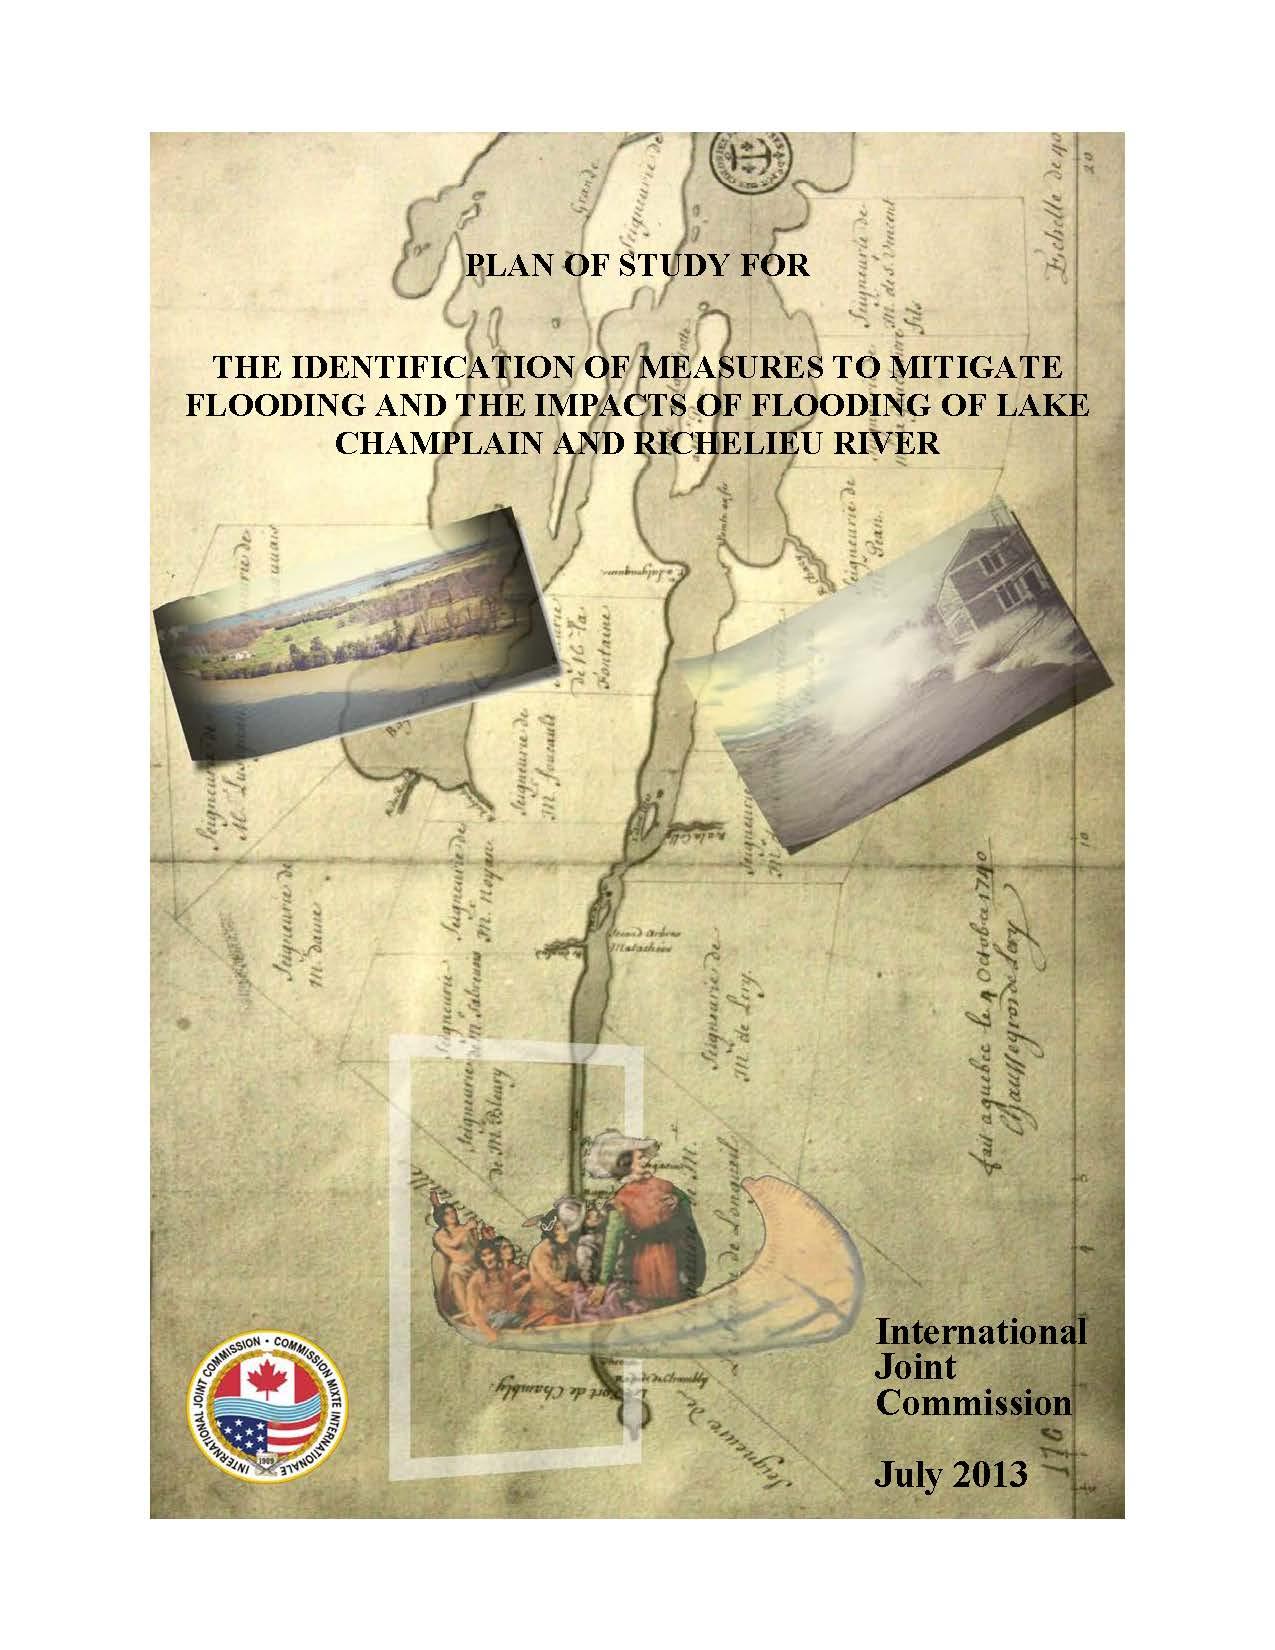 Lake Champlain Richelieu River Plan of Study